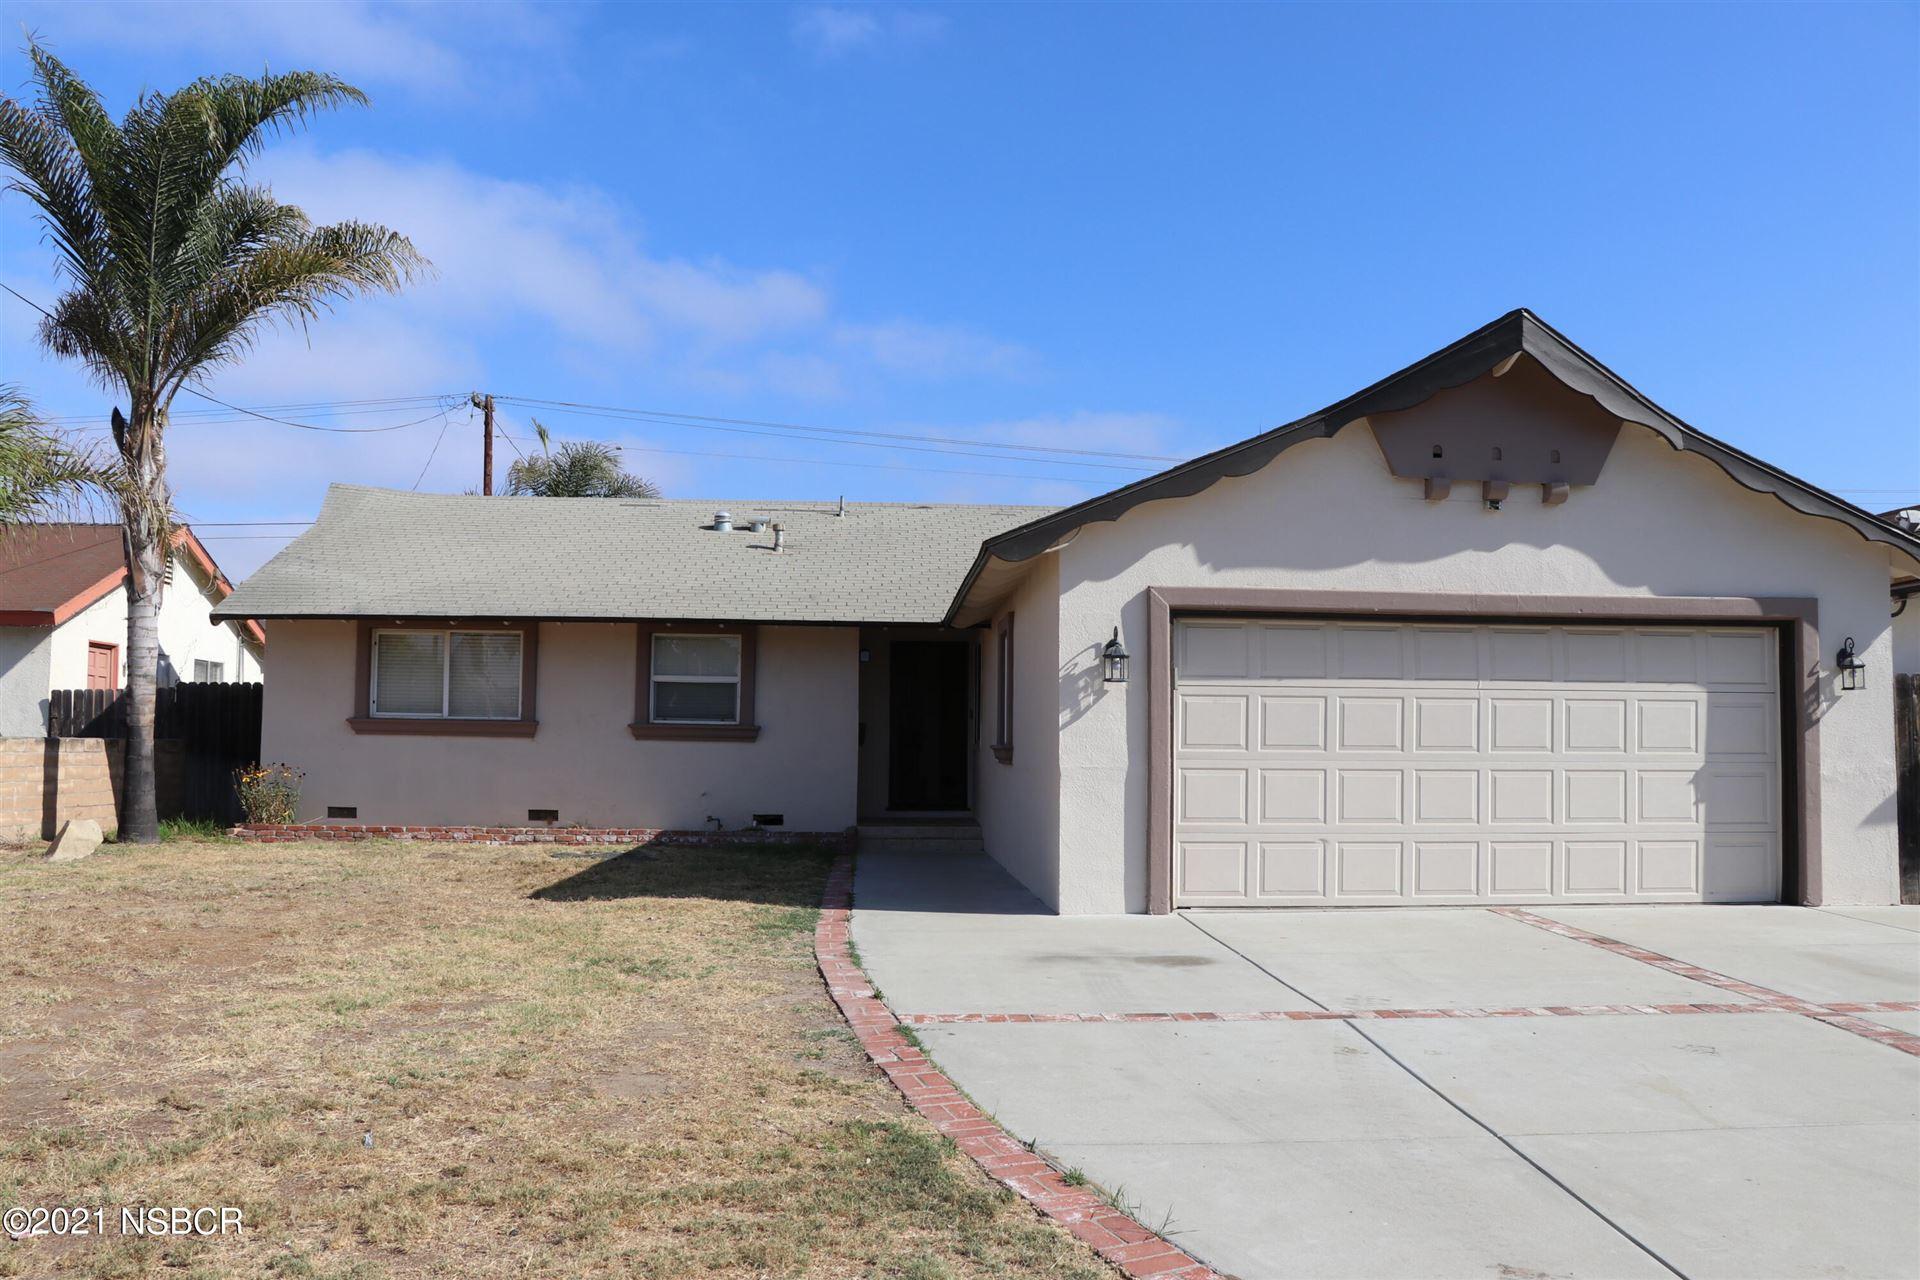 327 E Taylor Street, Santa Maria, CA 93454 - MLS#: 21002181